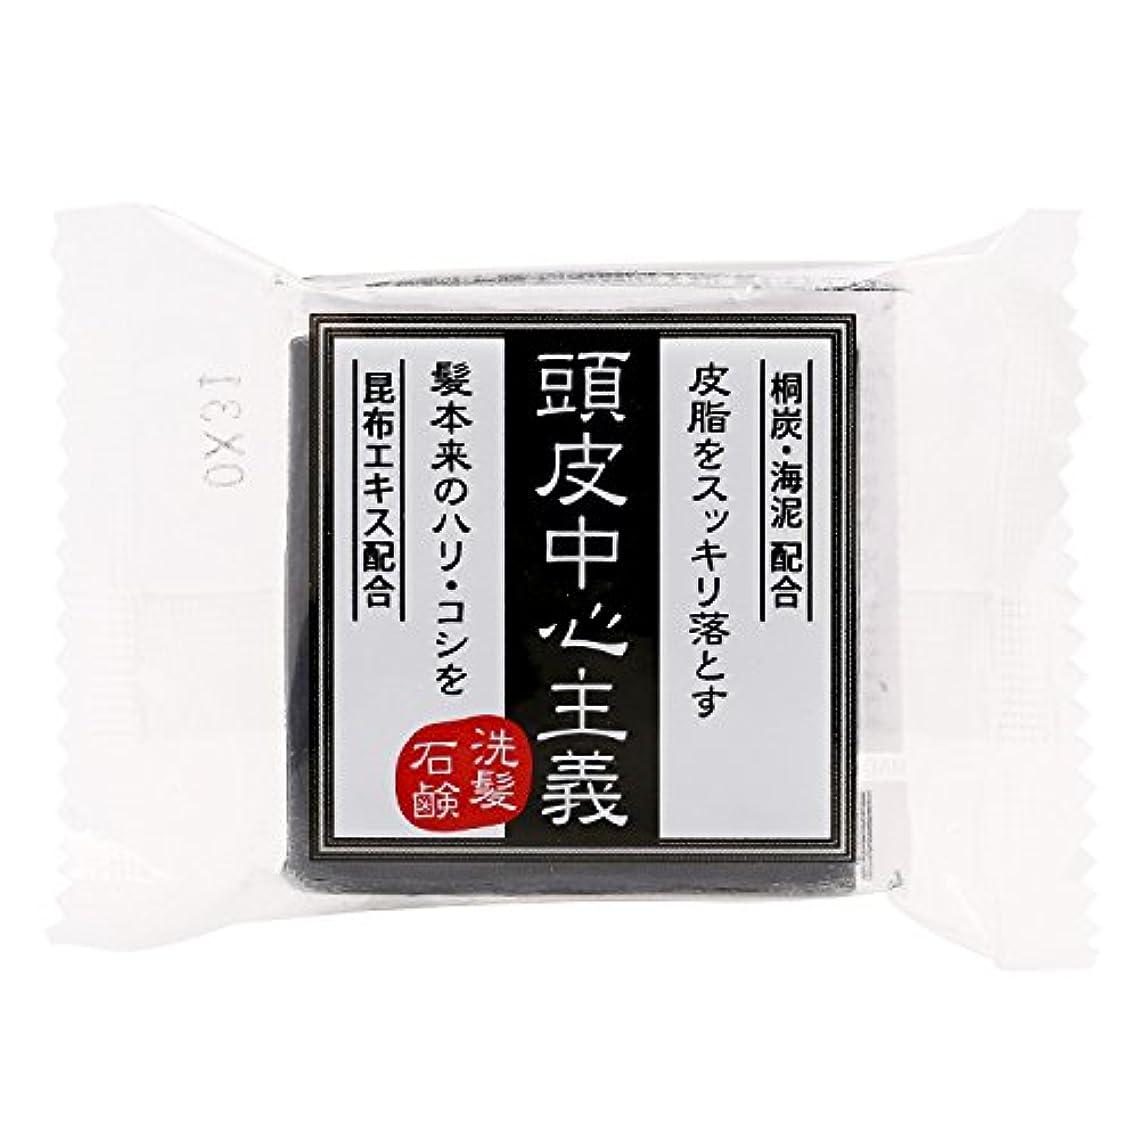 老人項目ライン菊星 頭皮中心主義 洗髪石鹸 30g